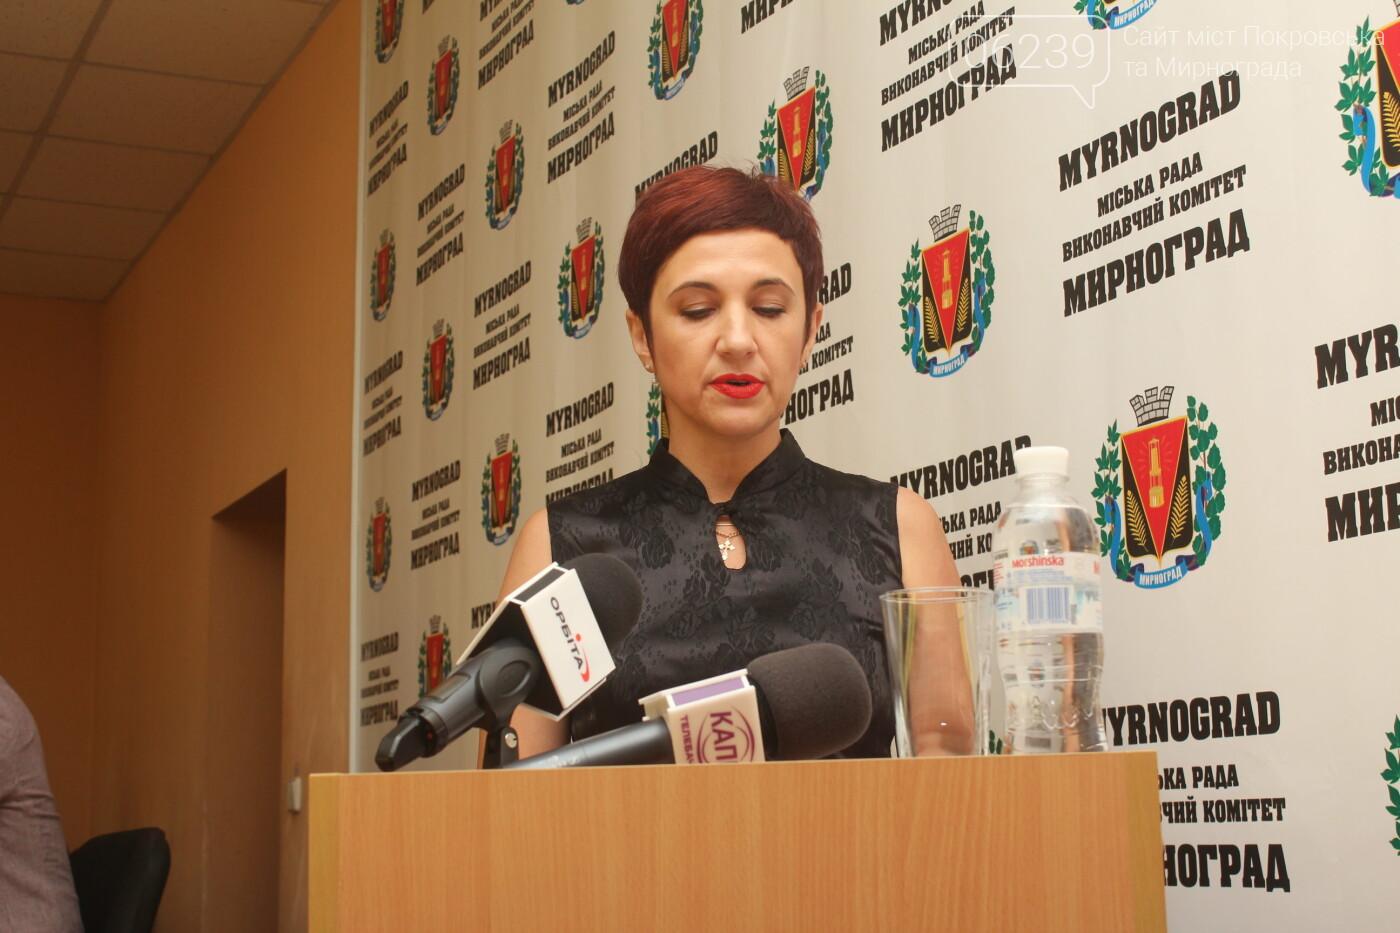 В Мирнограде установят мемориальную доску погибшему воину АТО(ООС) Андрею Чирве, фото-3